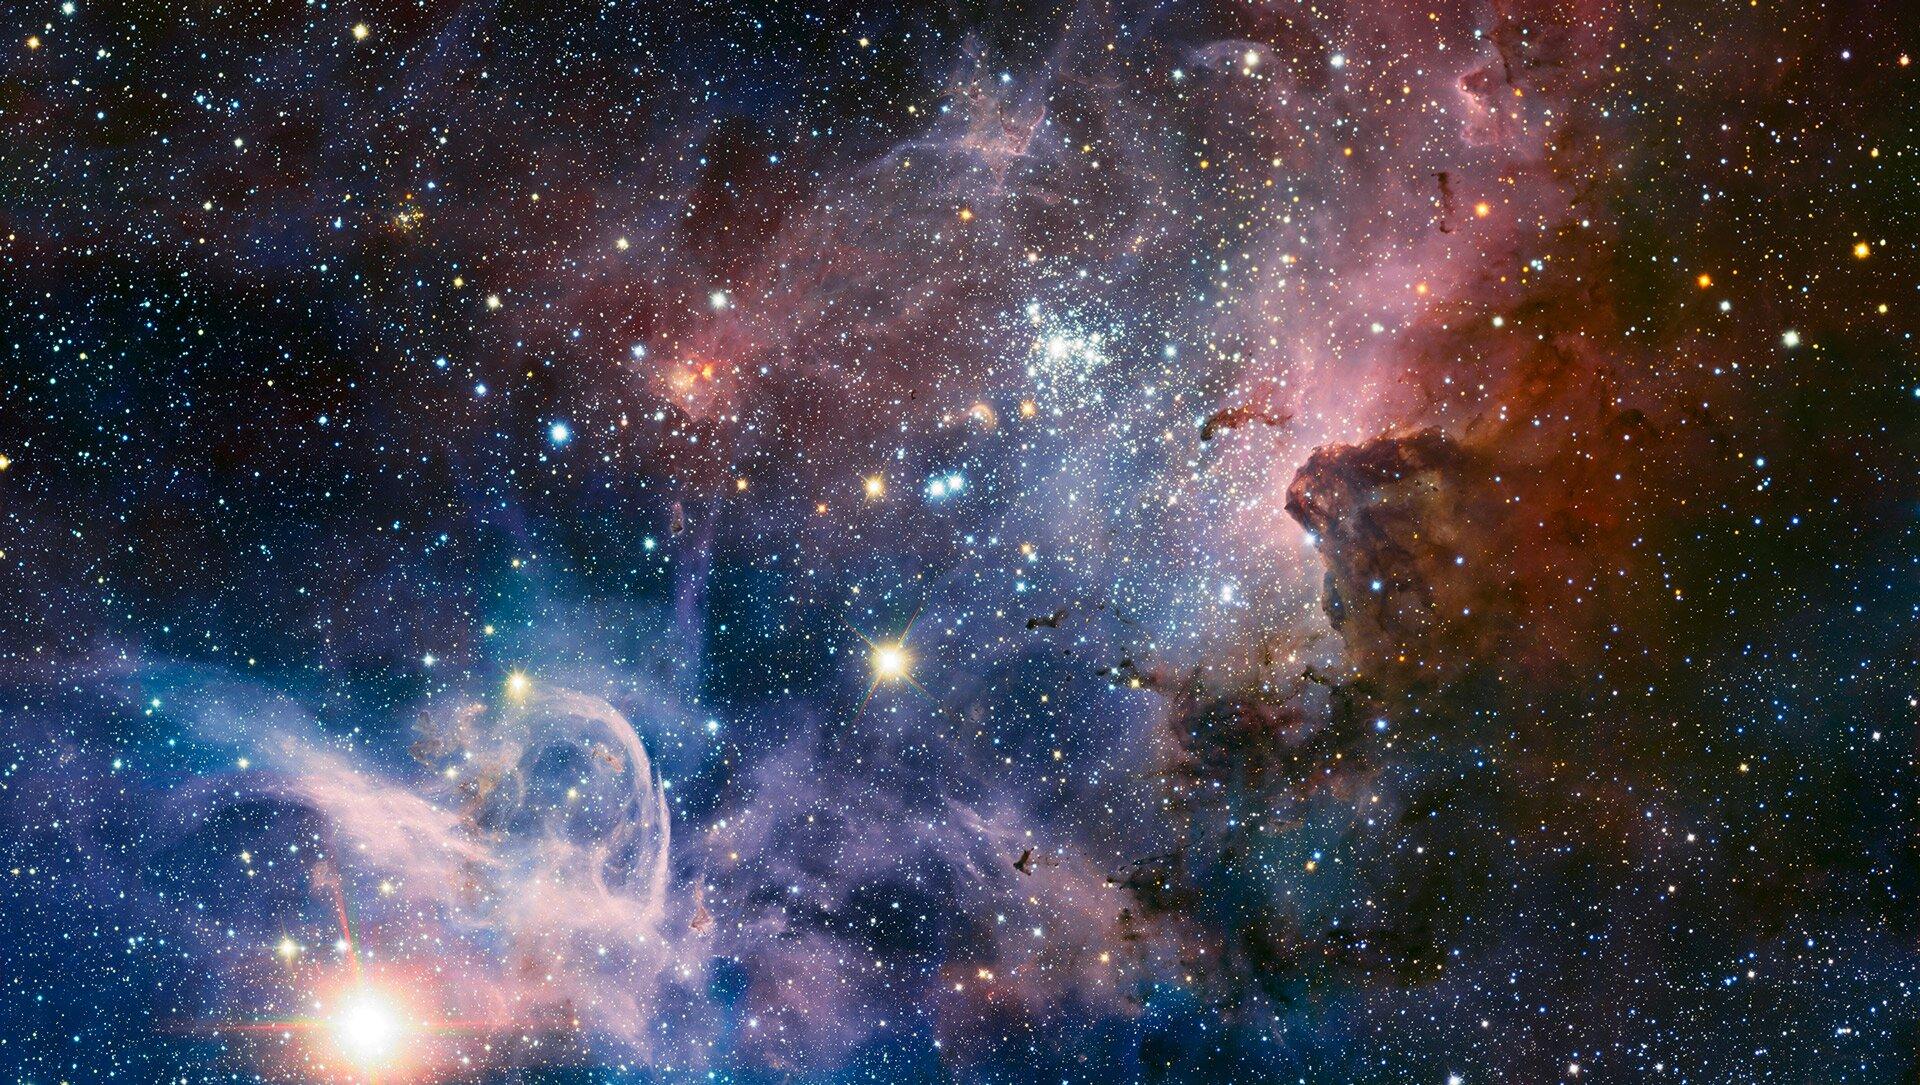 Kosmos (Mgławica Carina) Kosmos (Mgławica Carina) Źródło: ESO/T. Preibisch, fotografia, licencja: CC BY-SA 4.0.